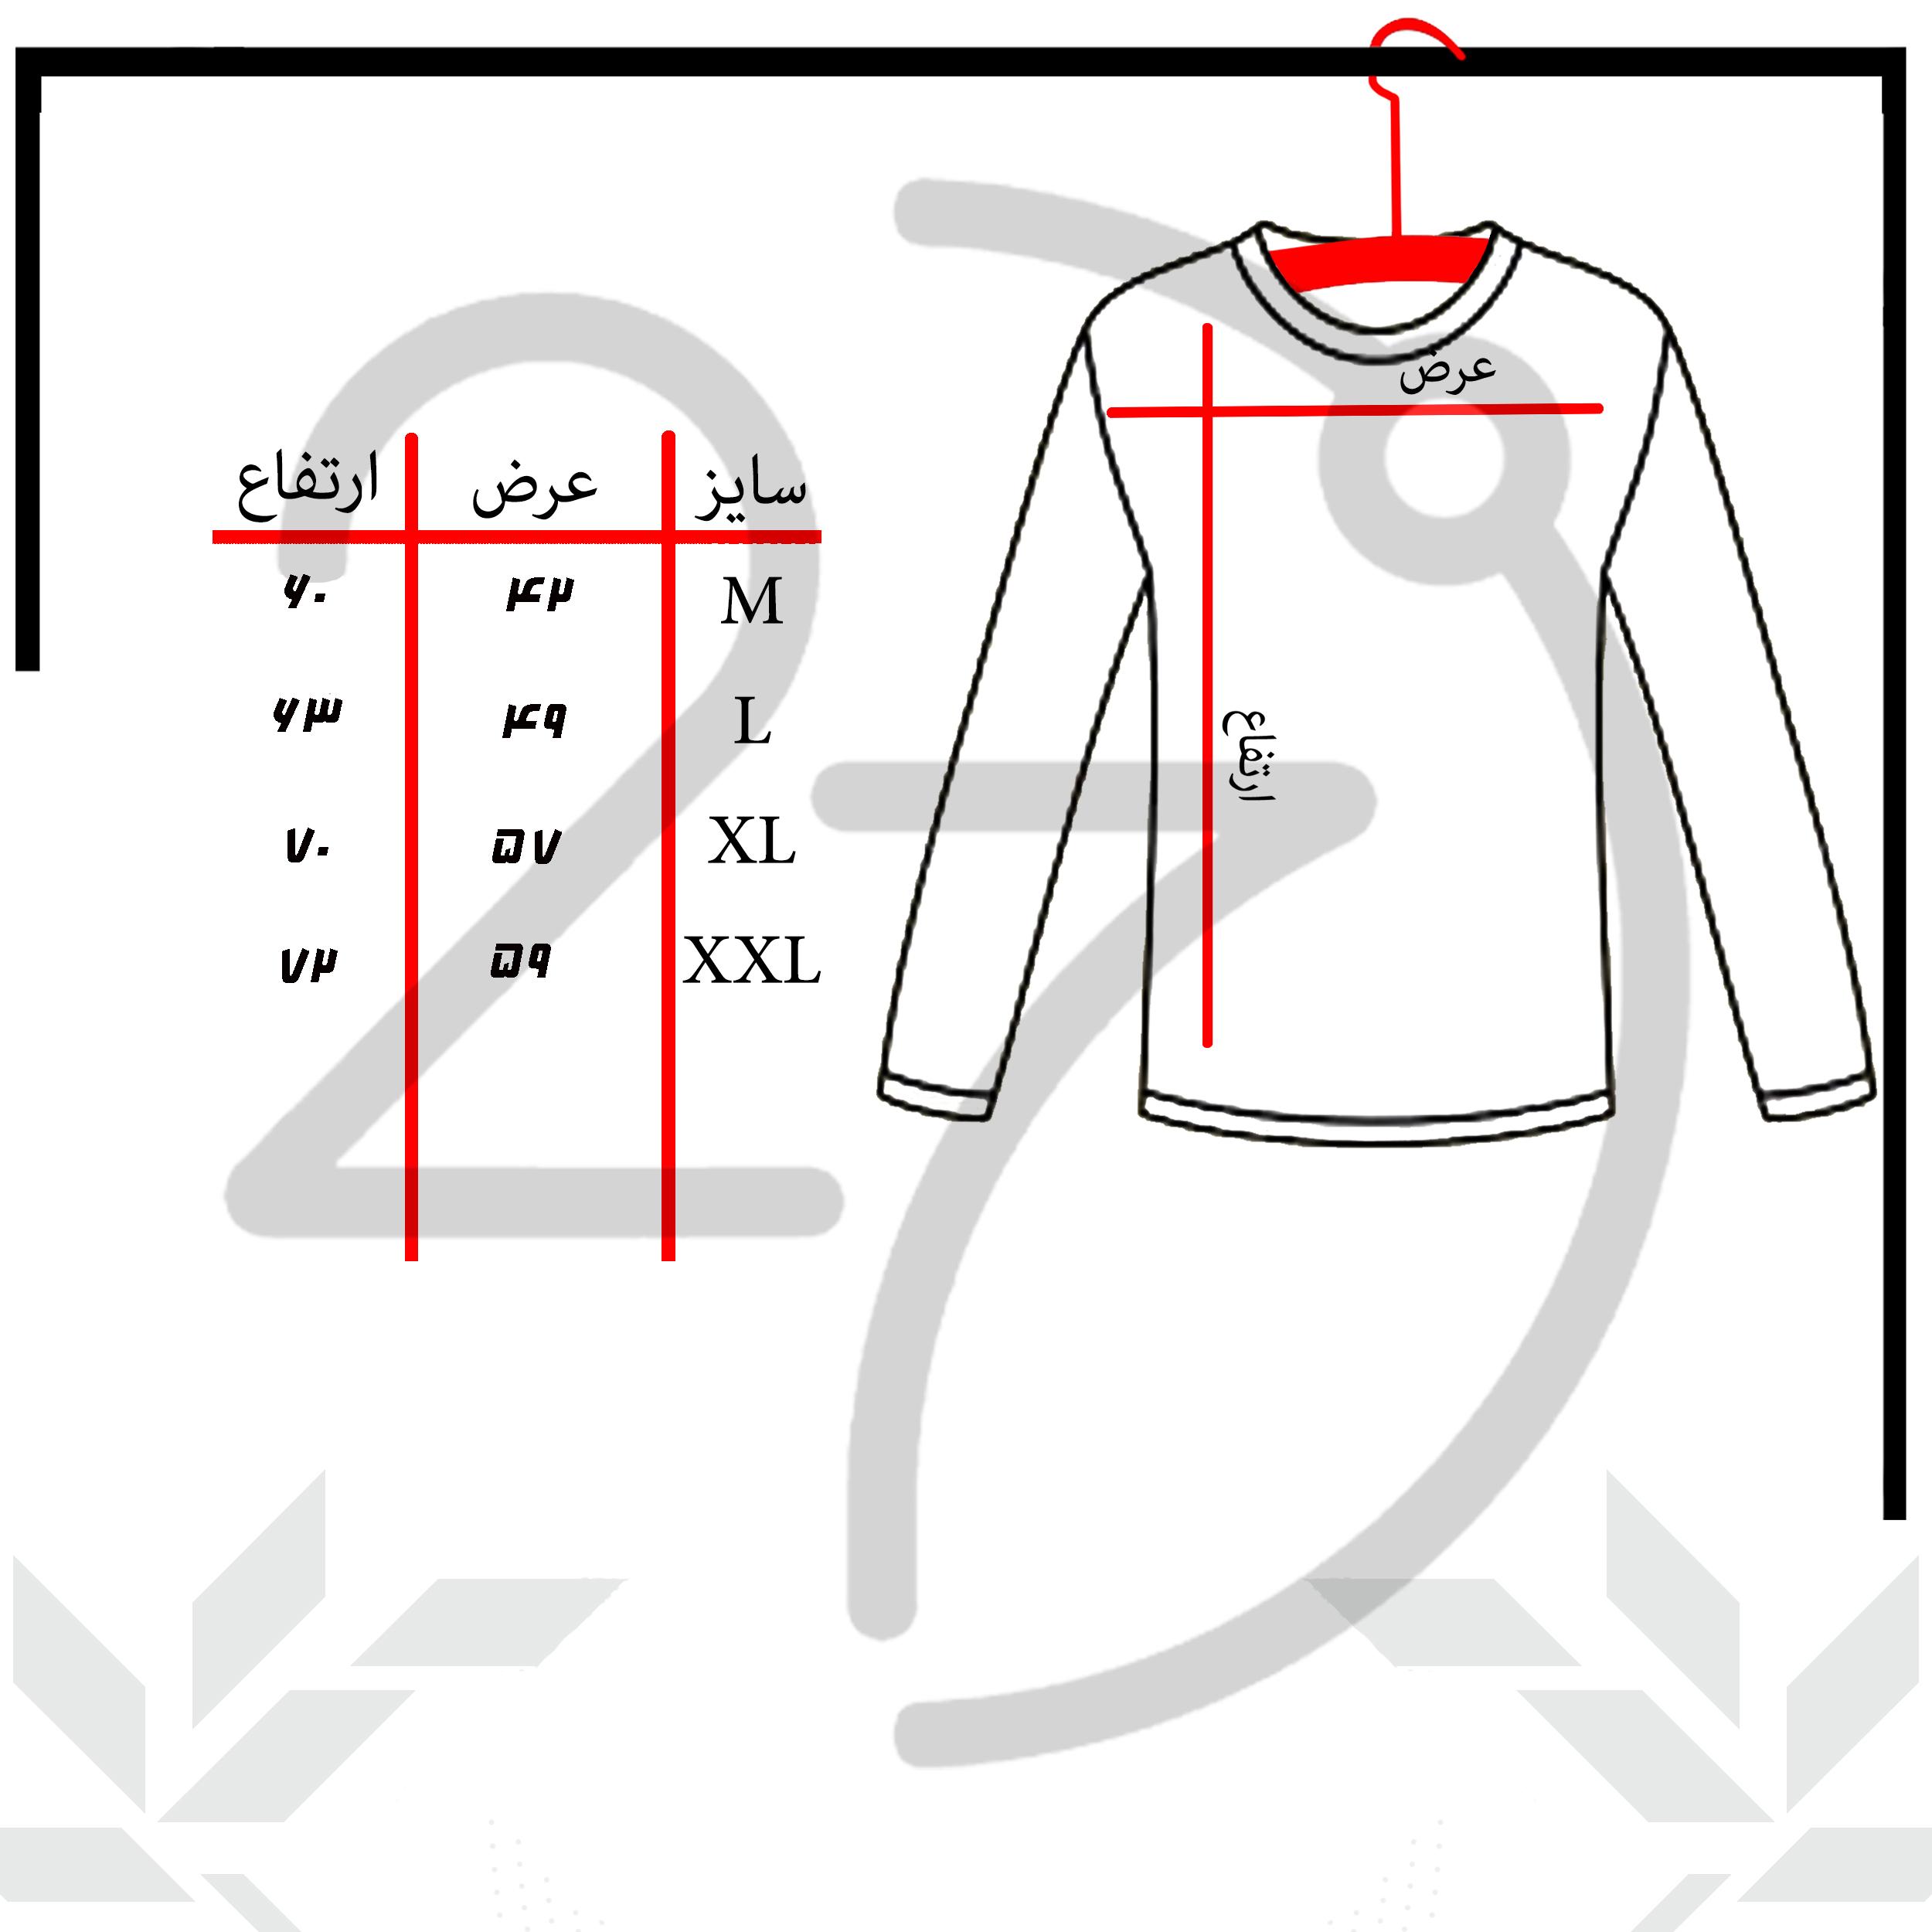 تی شرت آستین بلند زنانه 27 مدل Fox کد B122